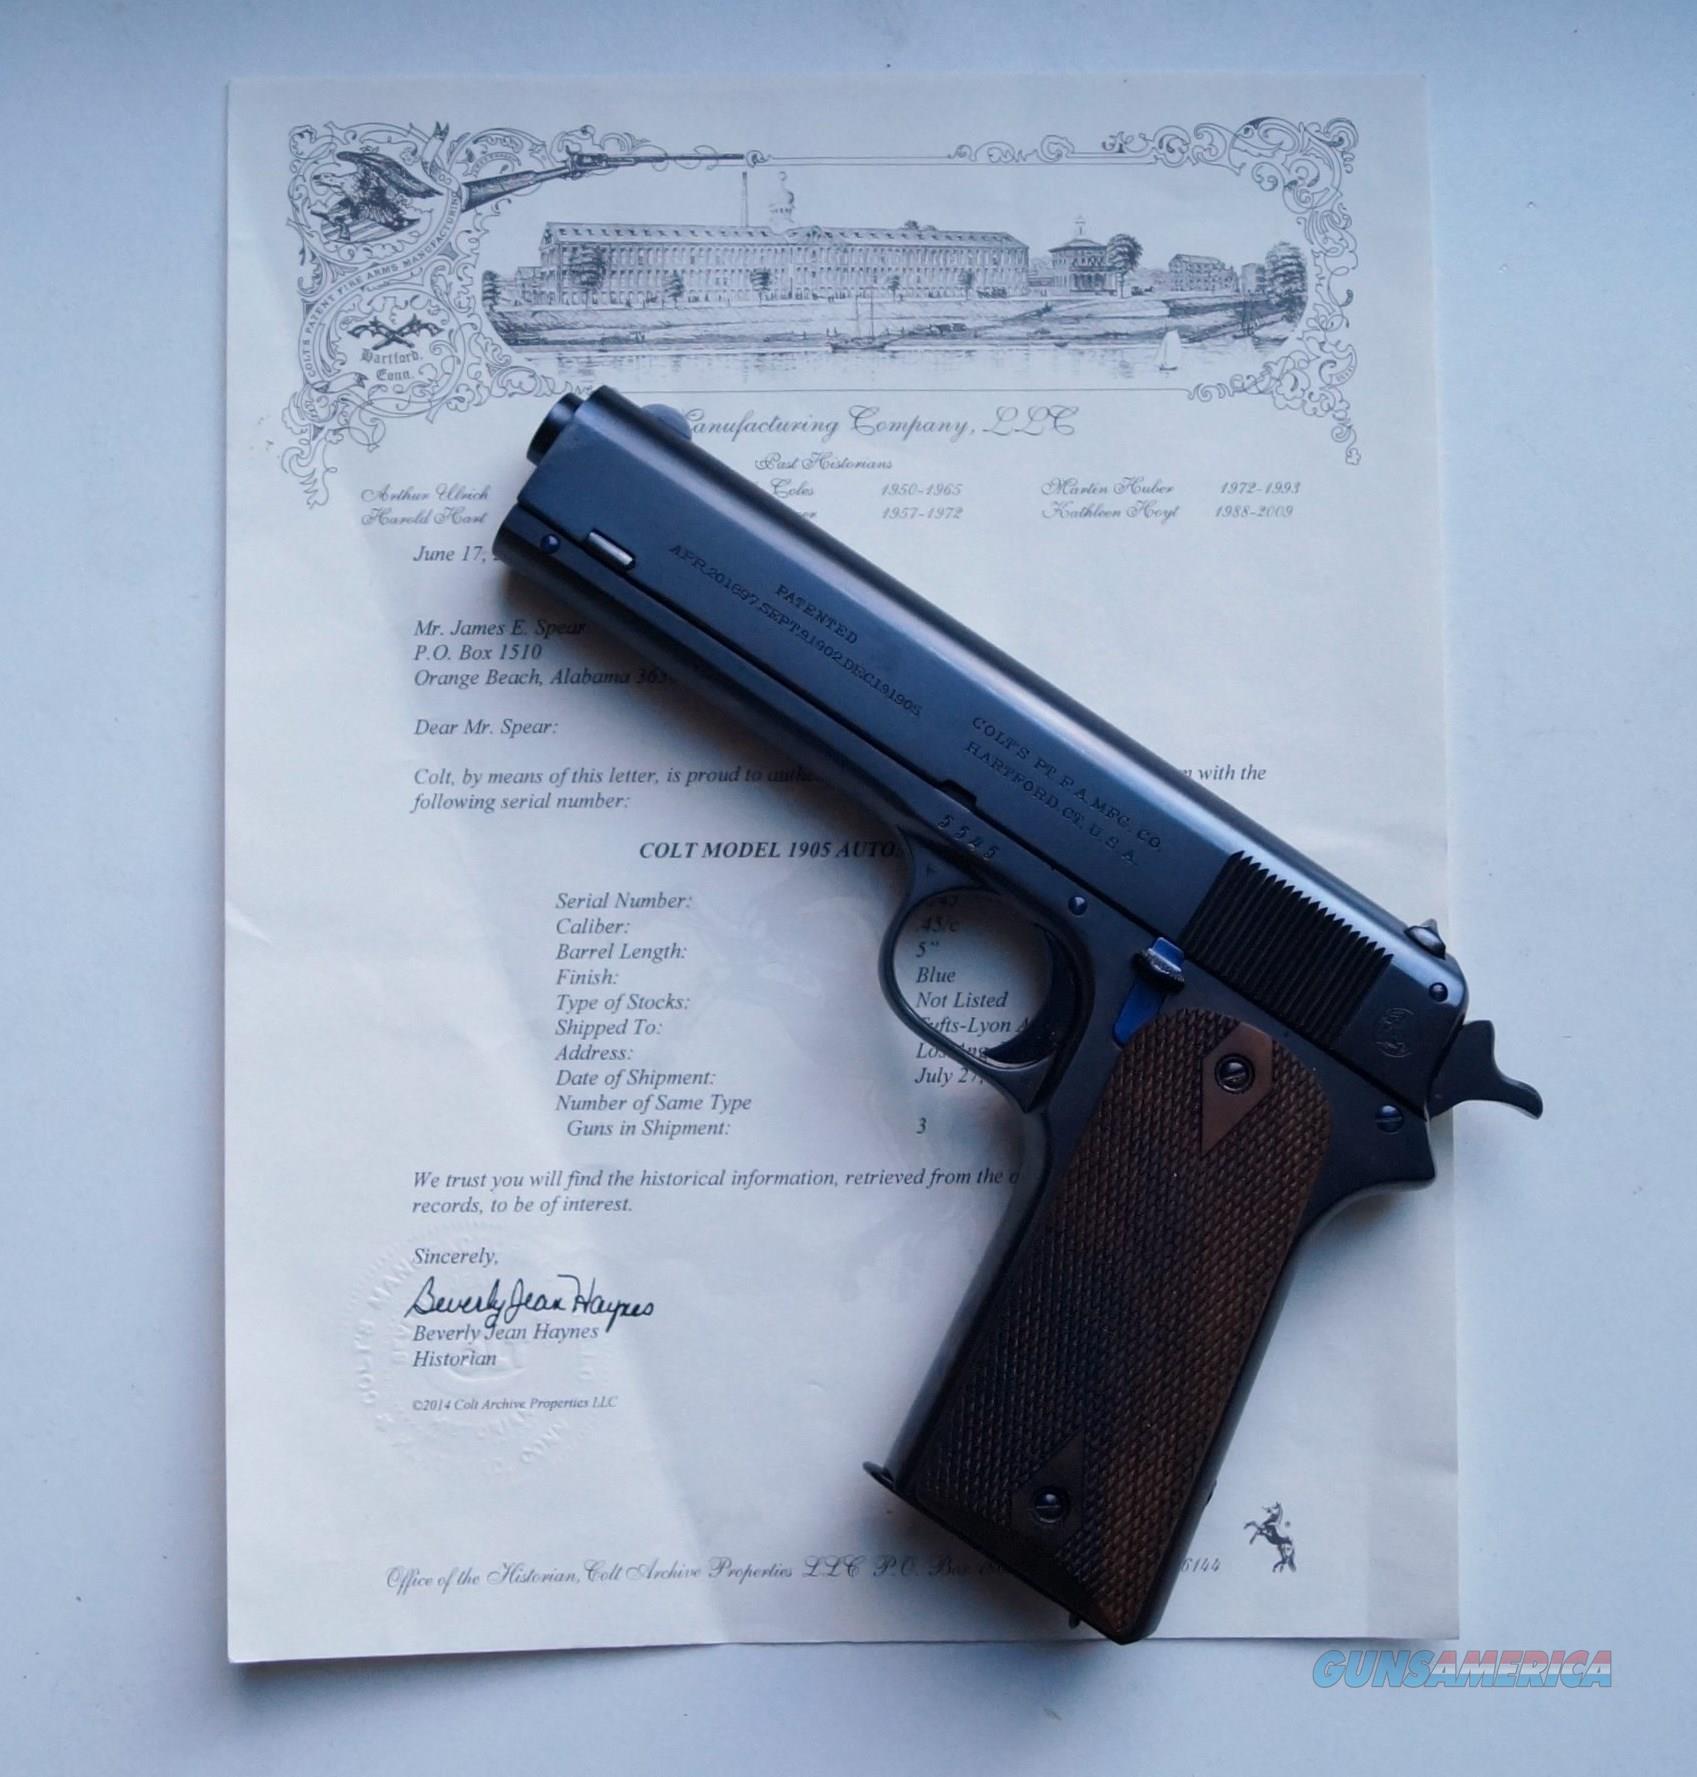 COLT MODEL 1905 AUTO MATIC - MINT - WITH COLT FACTORY LETTER  Guns > Pistols > Colt Automatic Pistols (1911 & Var)